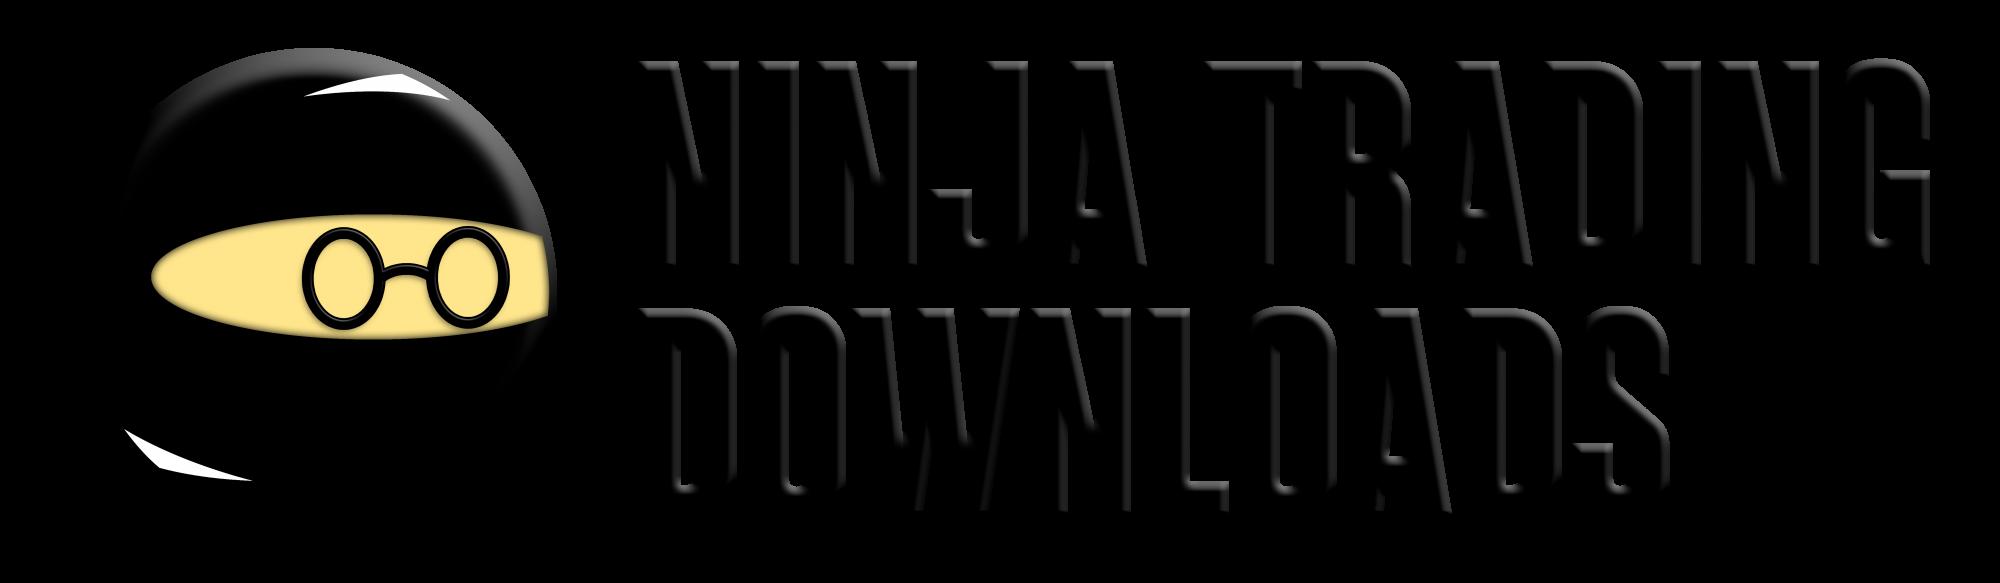 NinjaTrading Downloads